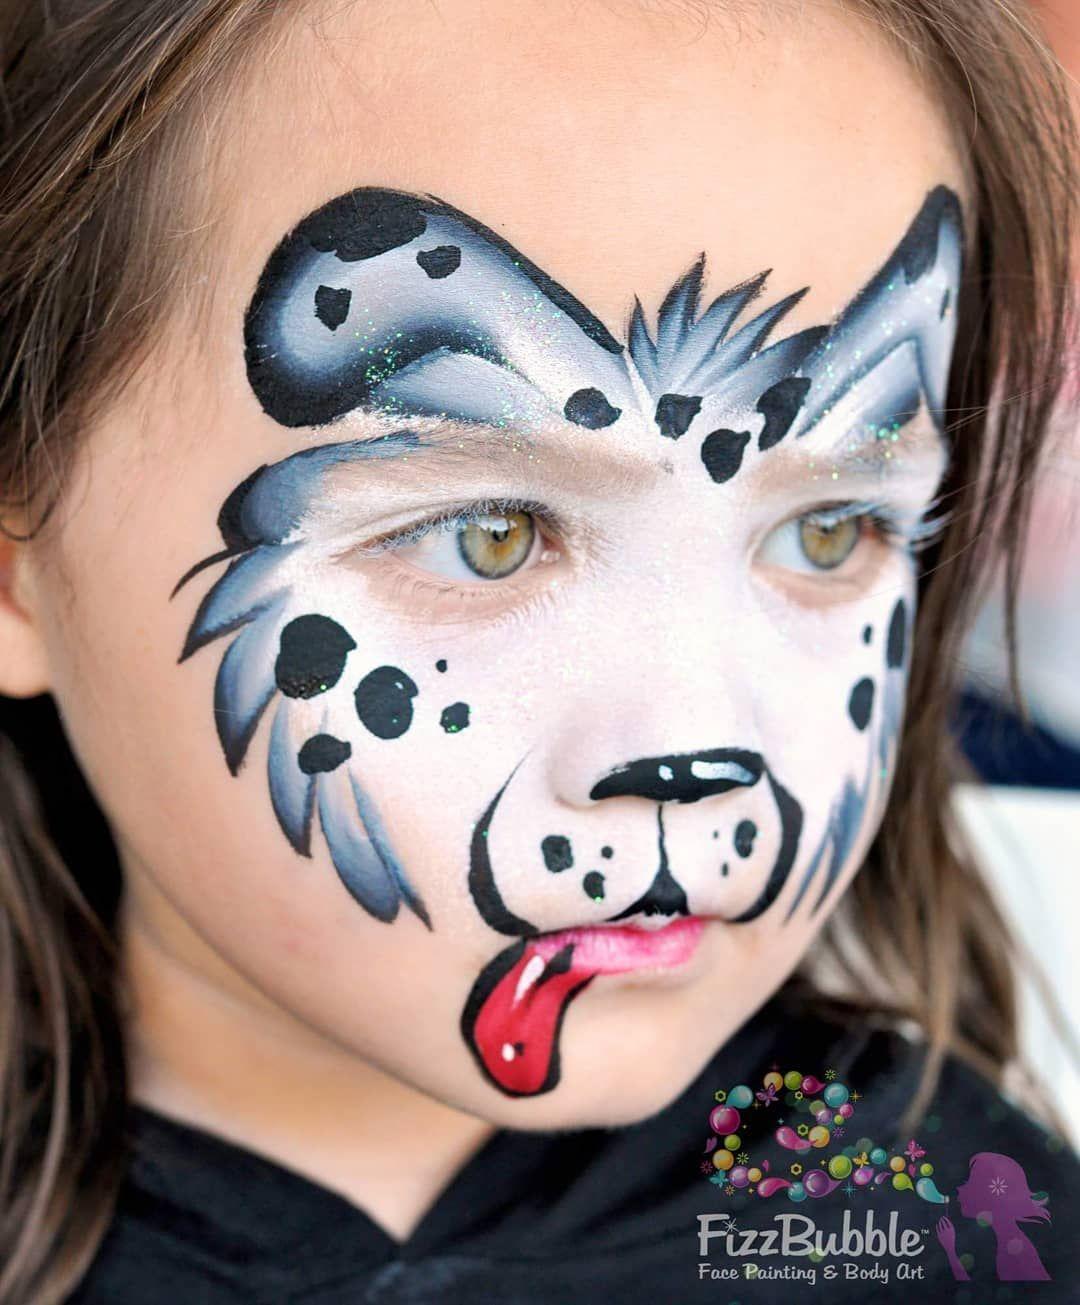 Jo Bertram On Instagram Black And White Pup Fizzbubble Facepaint Facepainter Facepaint Dog Face Paints Face Painting Designs Animal Face Paintings